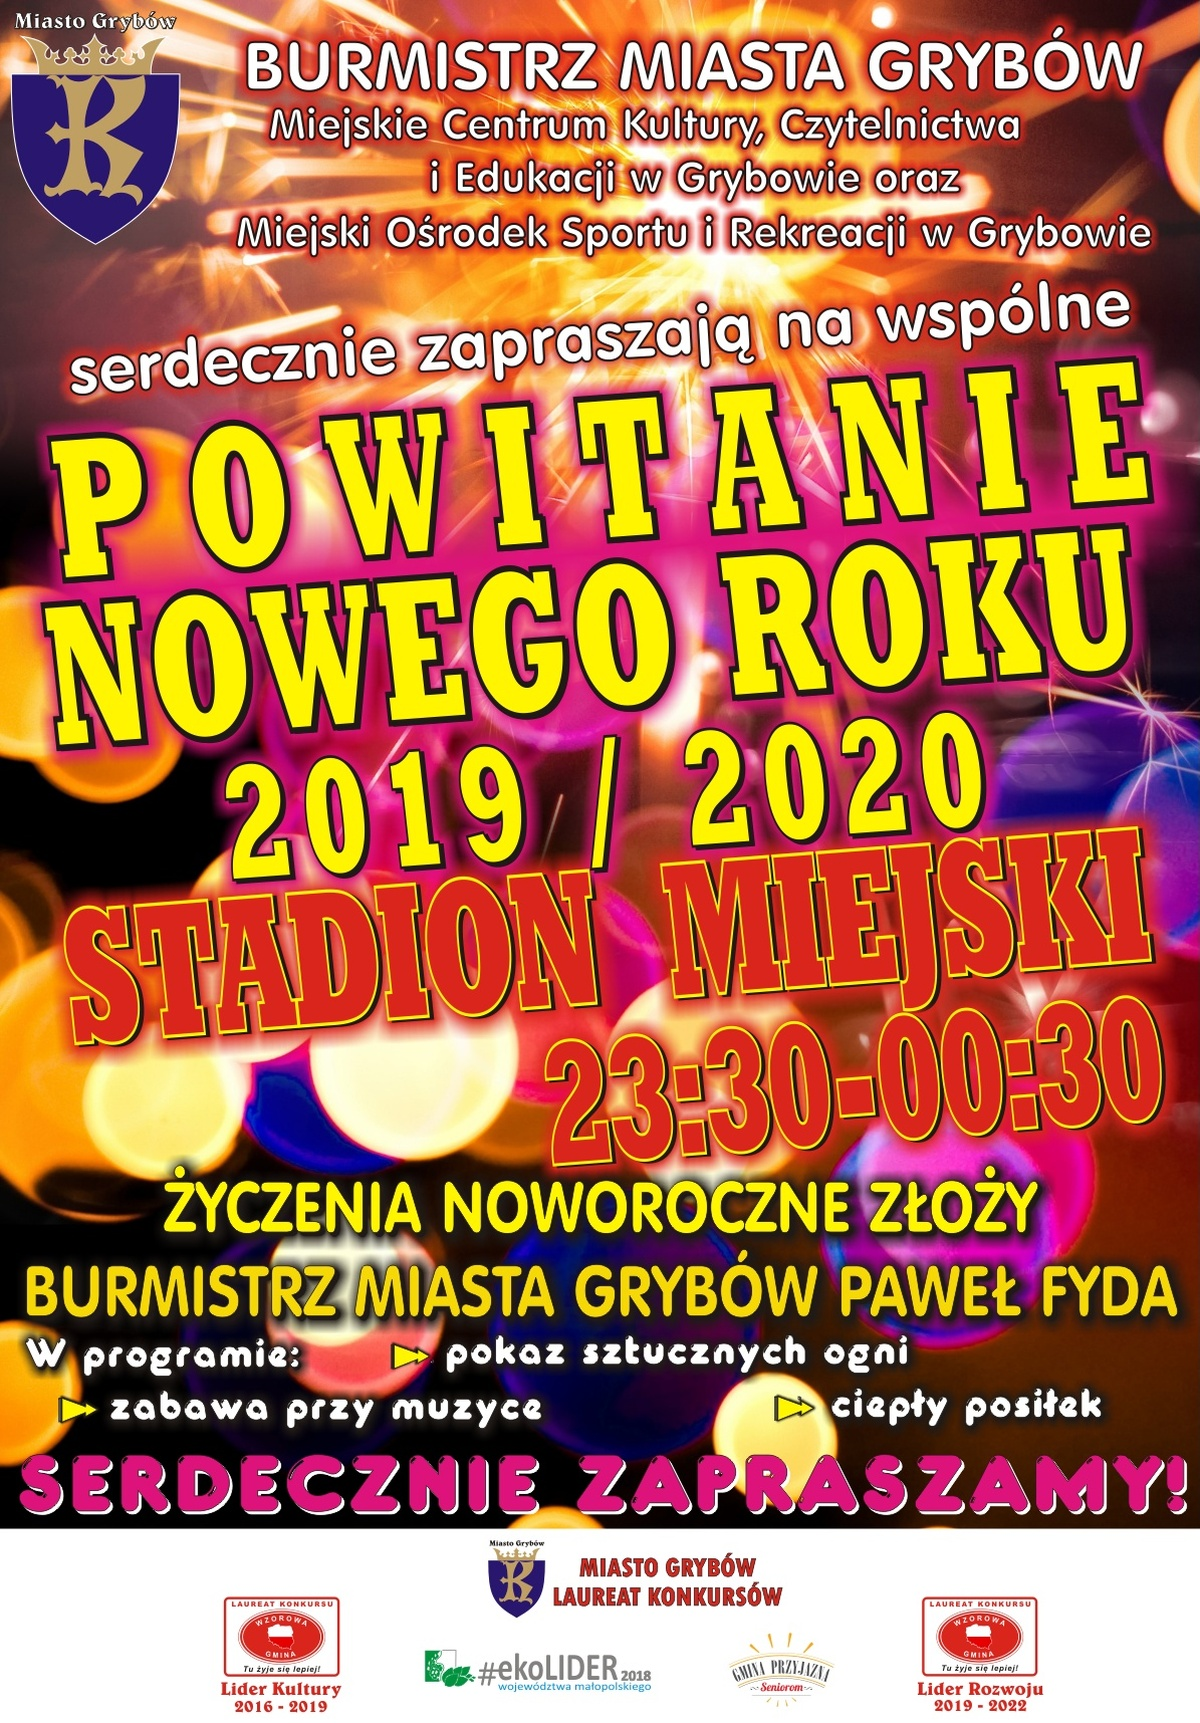 Powitanie Nowego Roku 2020